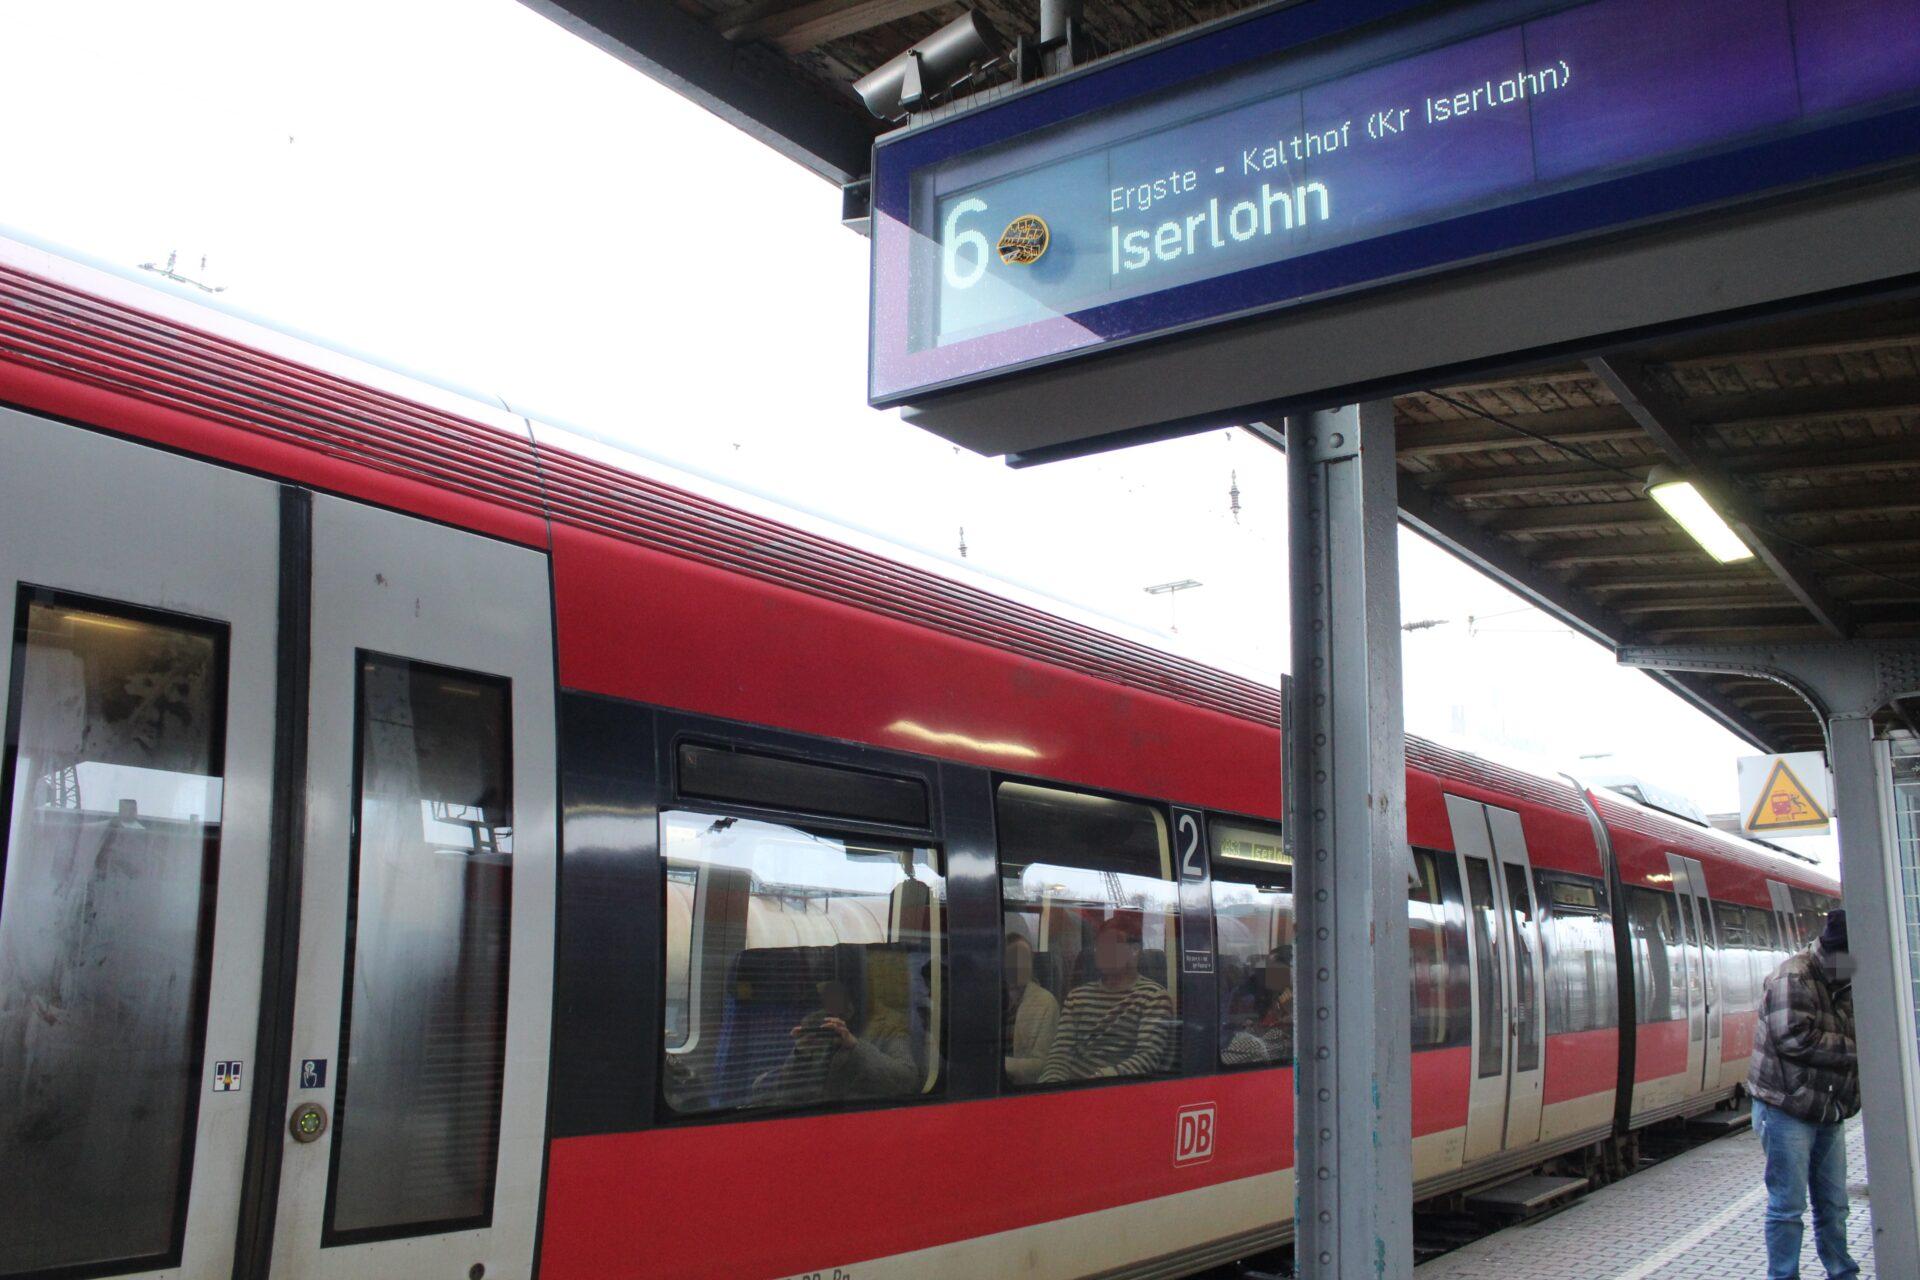 Zugausfälle auf der Linie RB53